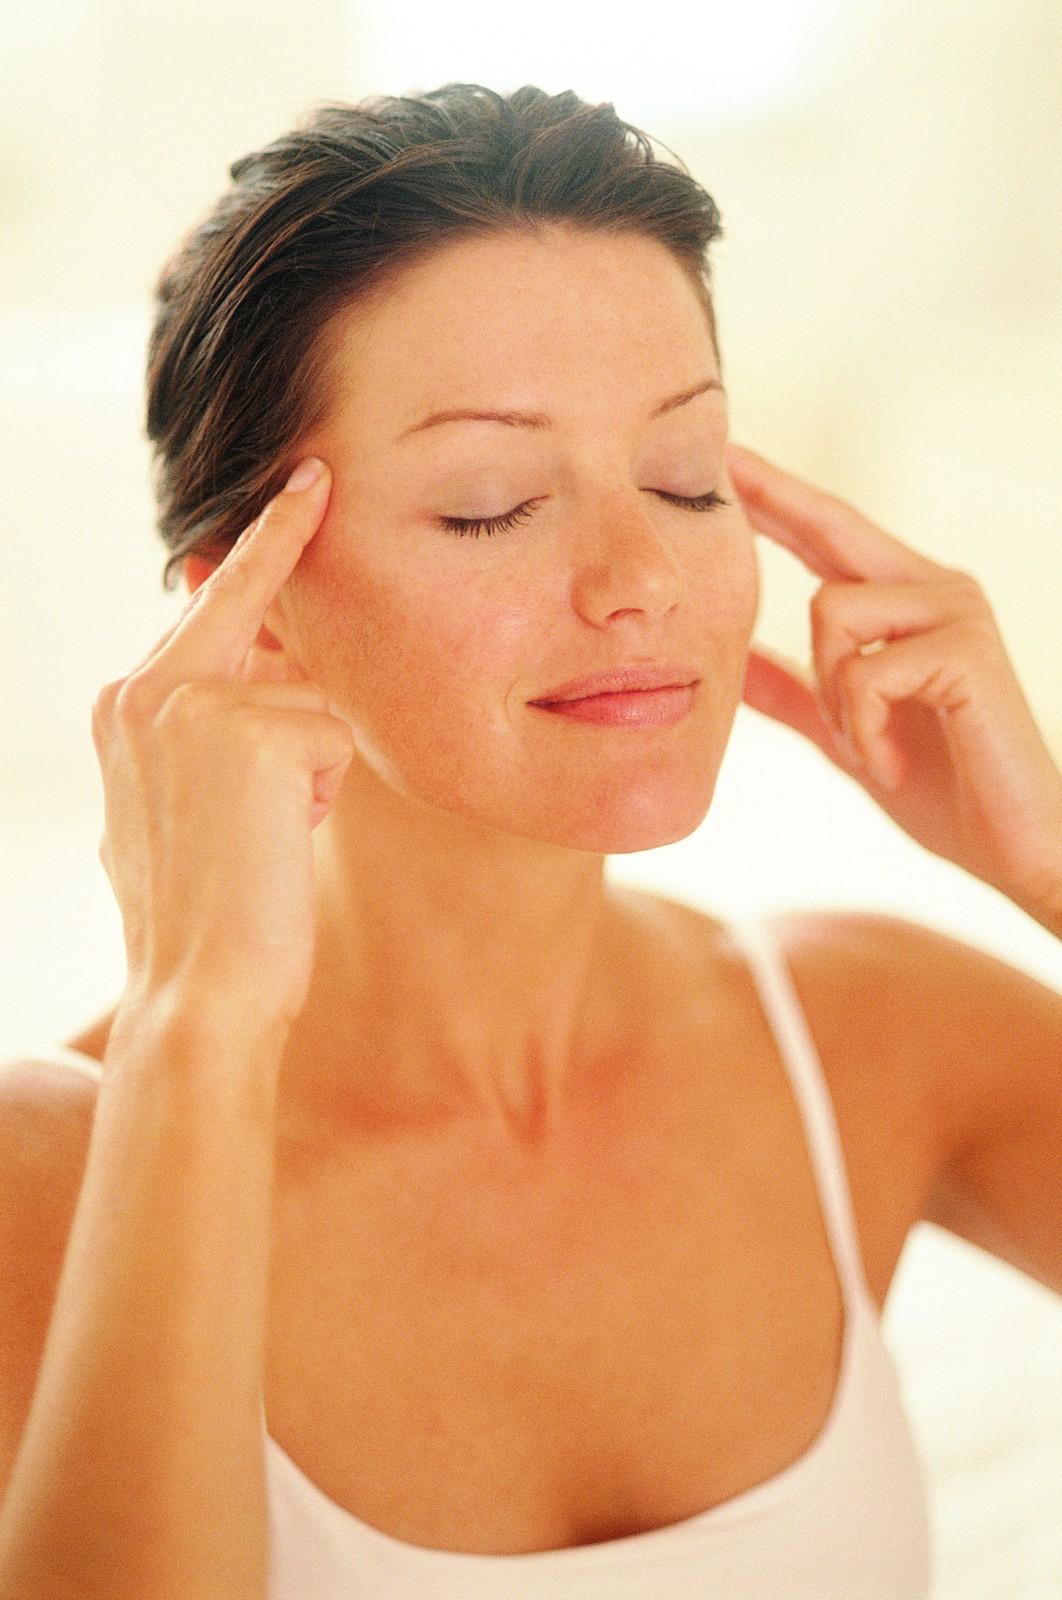 Hemijski piling, botoks i laser u tretmanu kože